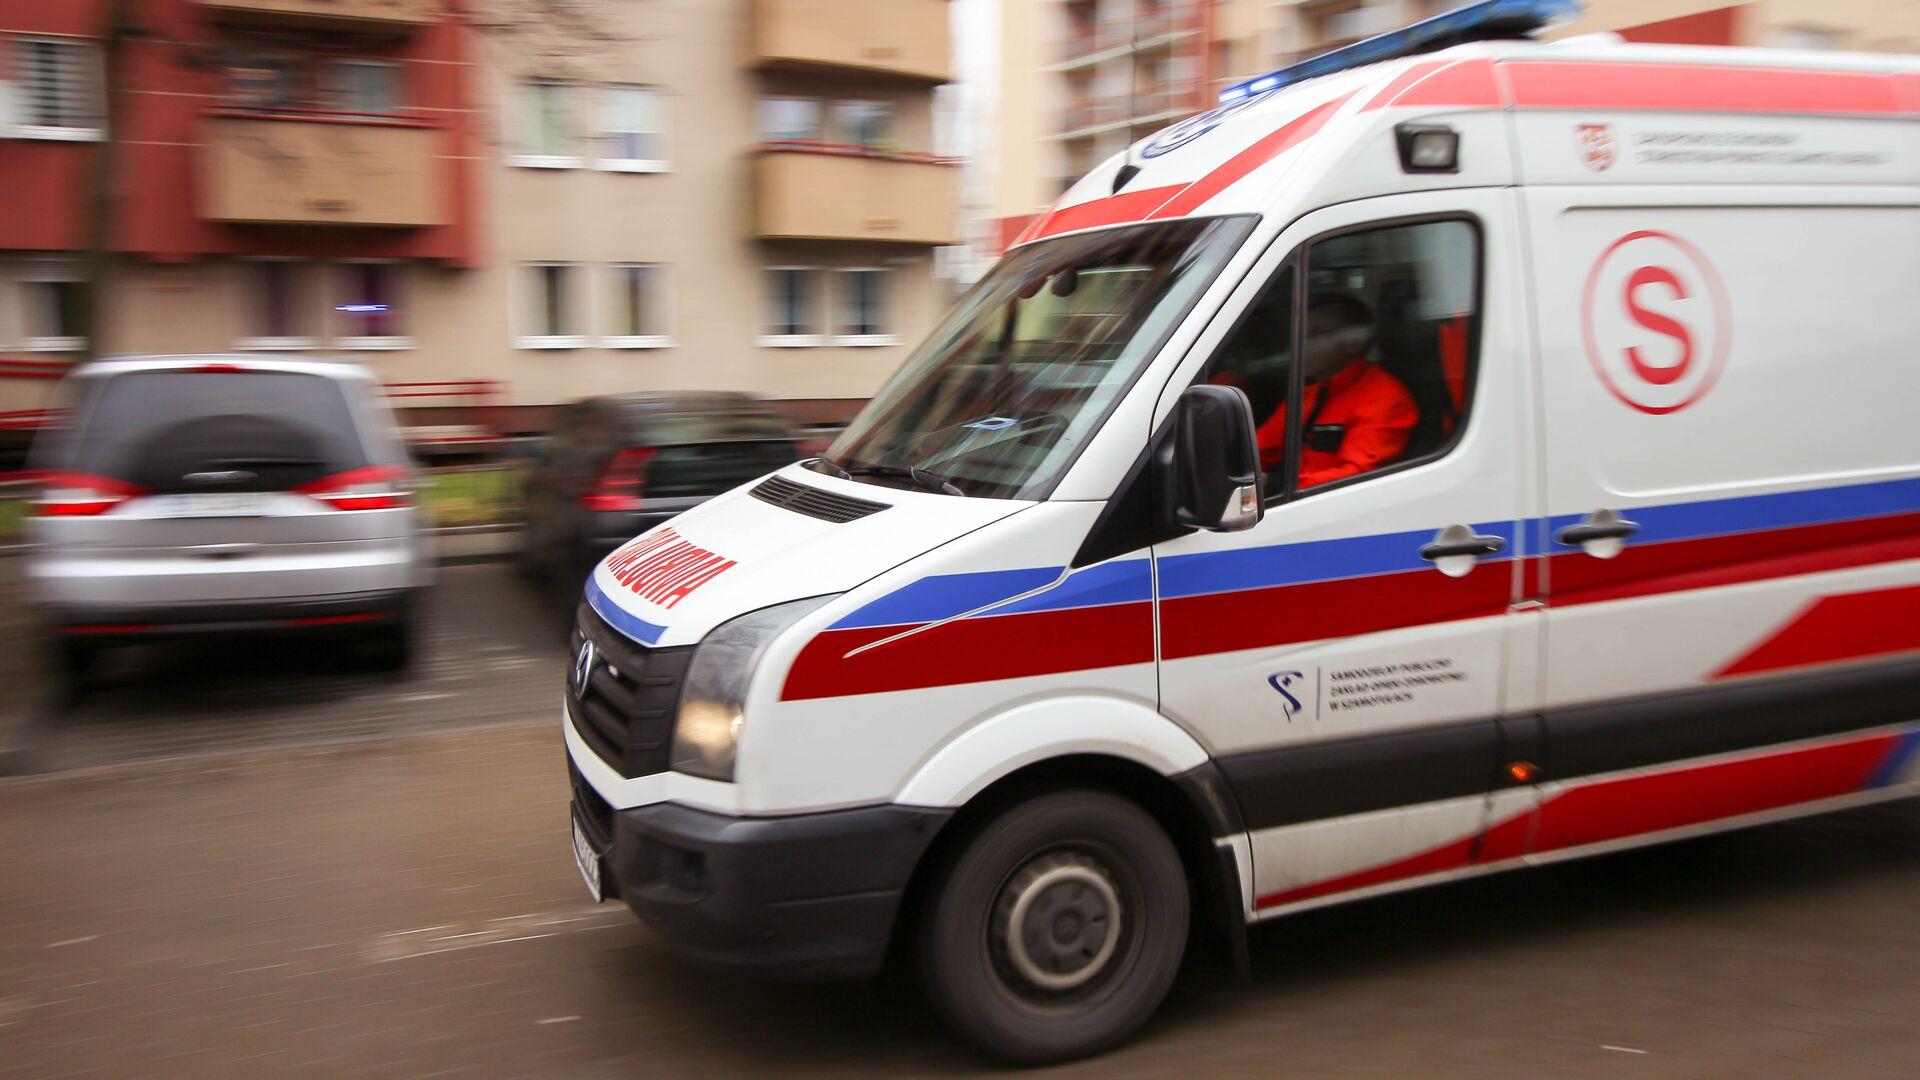 Машина скорой помощи в Польше - РИА Новости, 1920, 05.08.2021